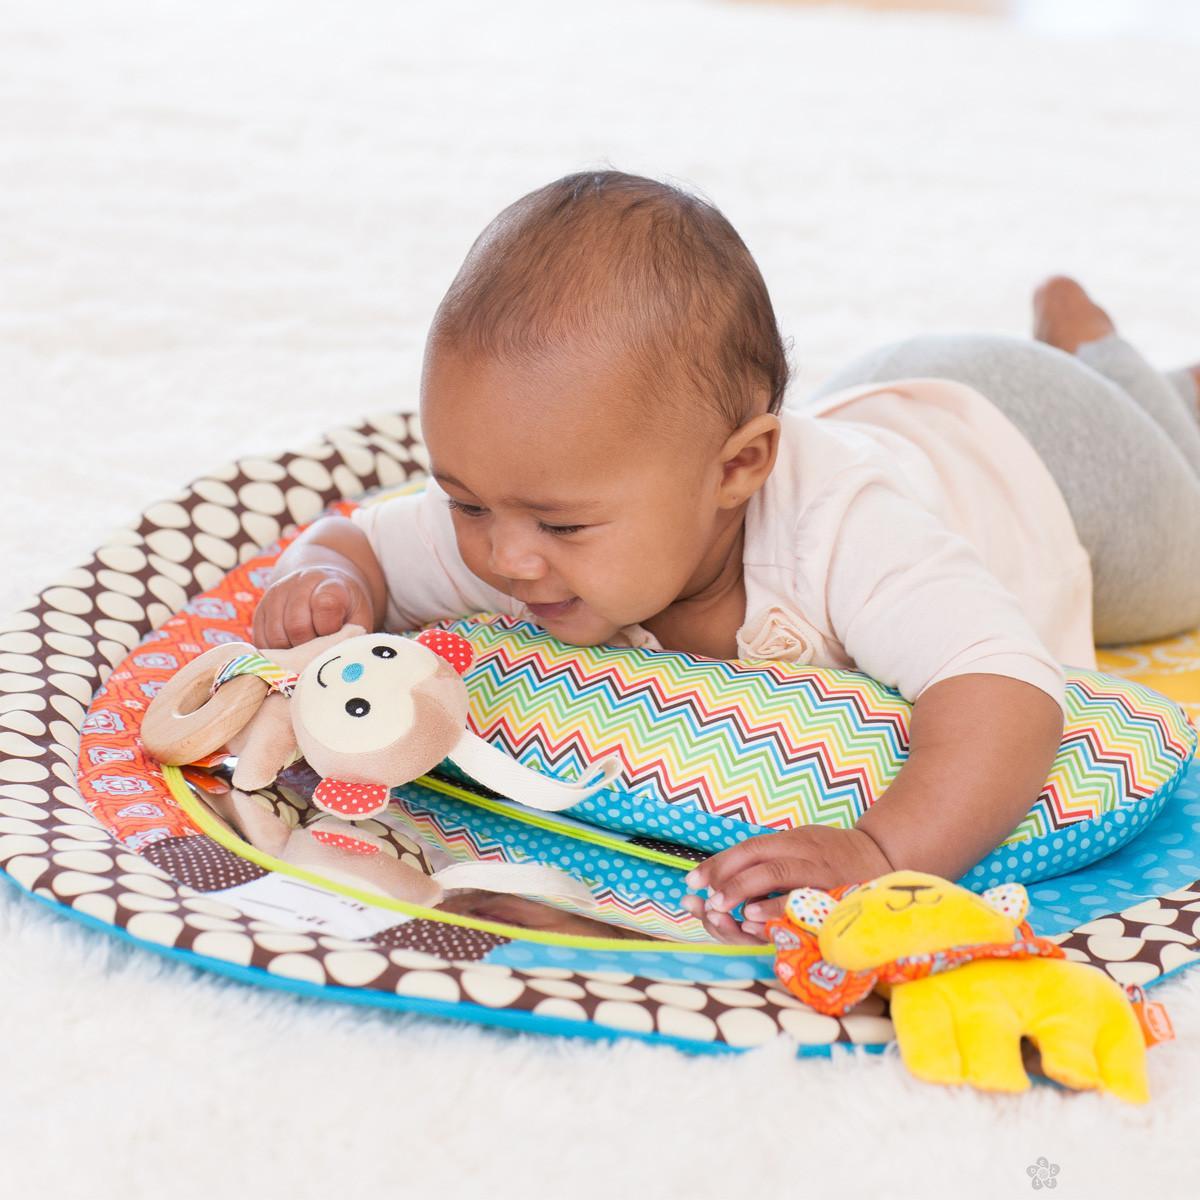 Infantino podloga za igru Tummy time, 115089